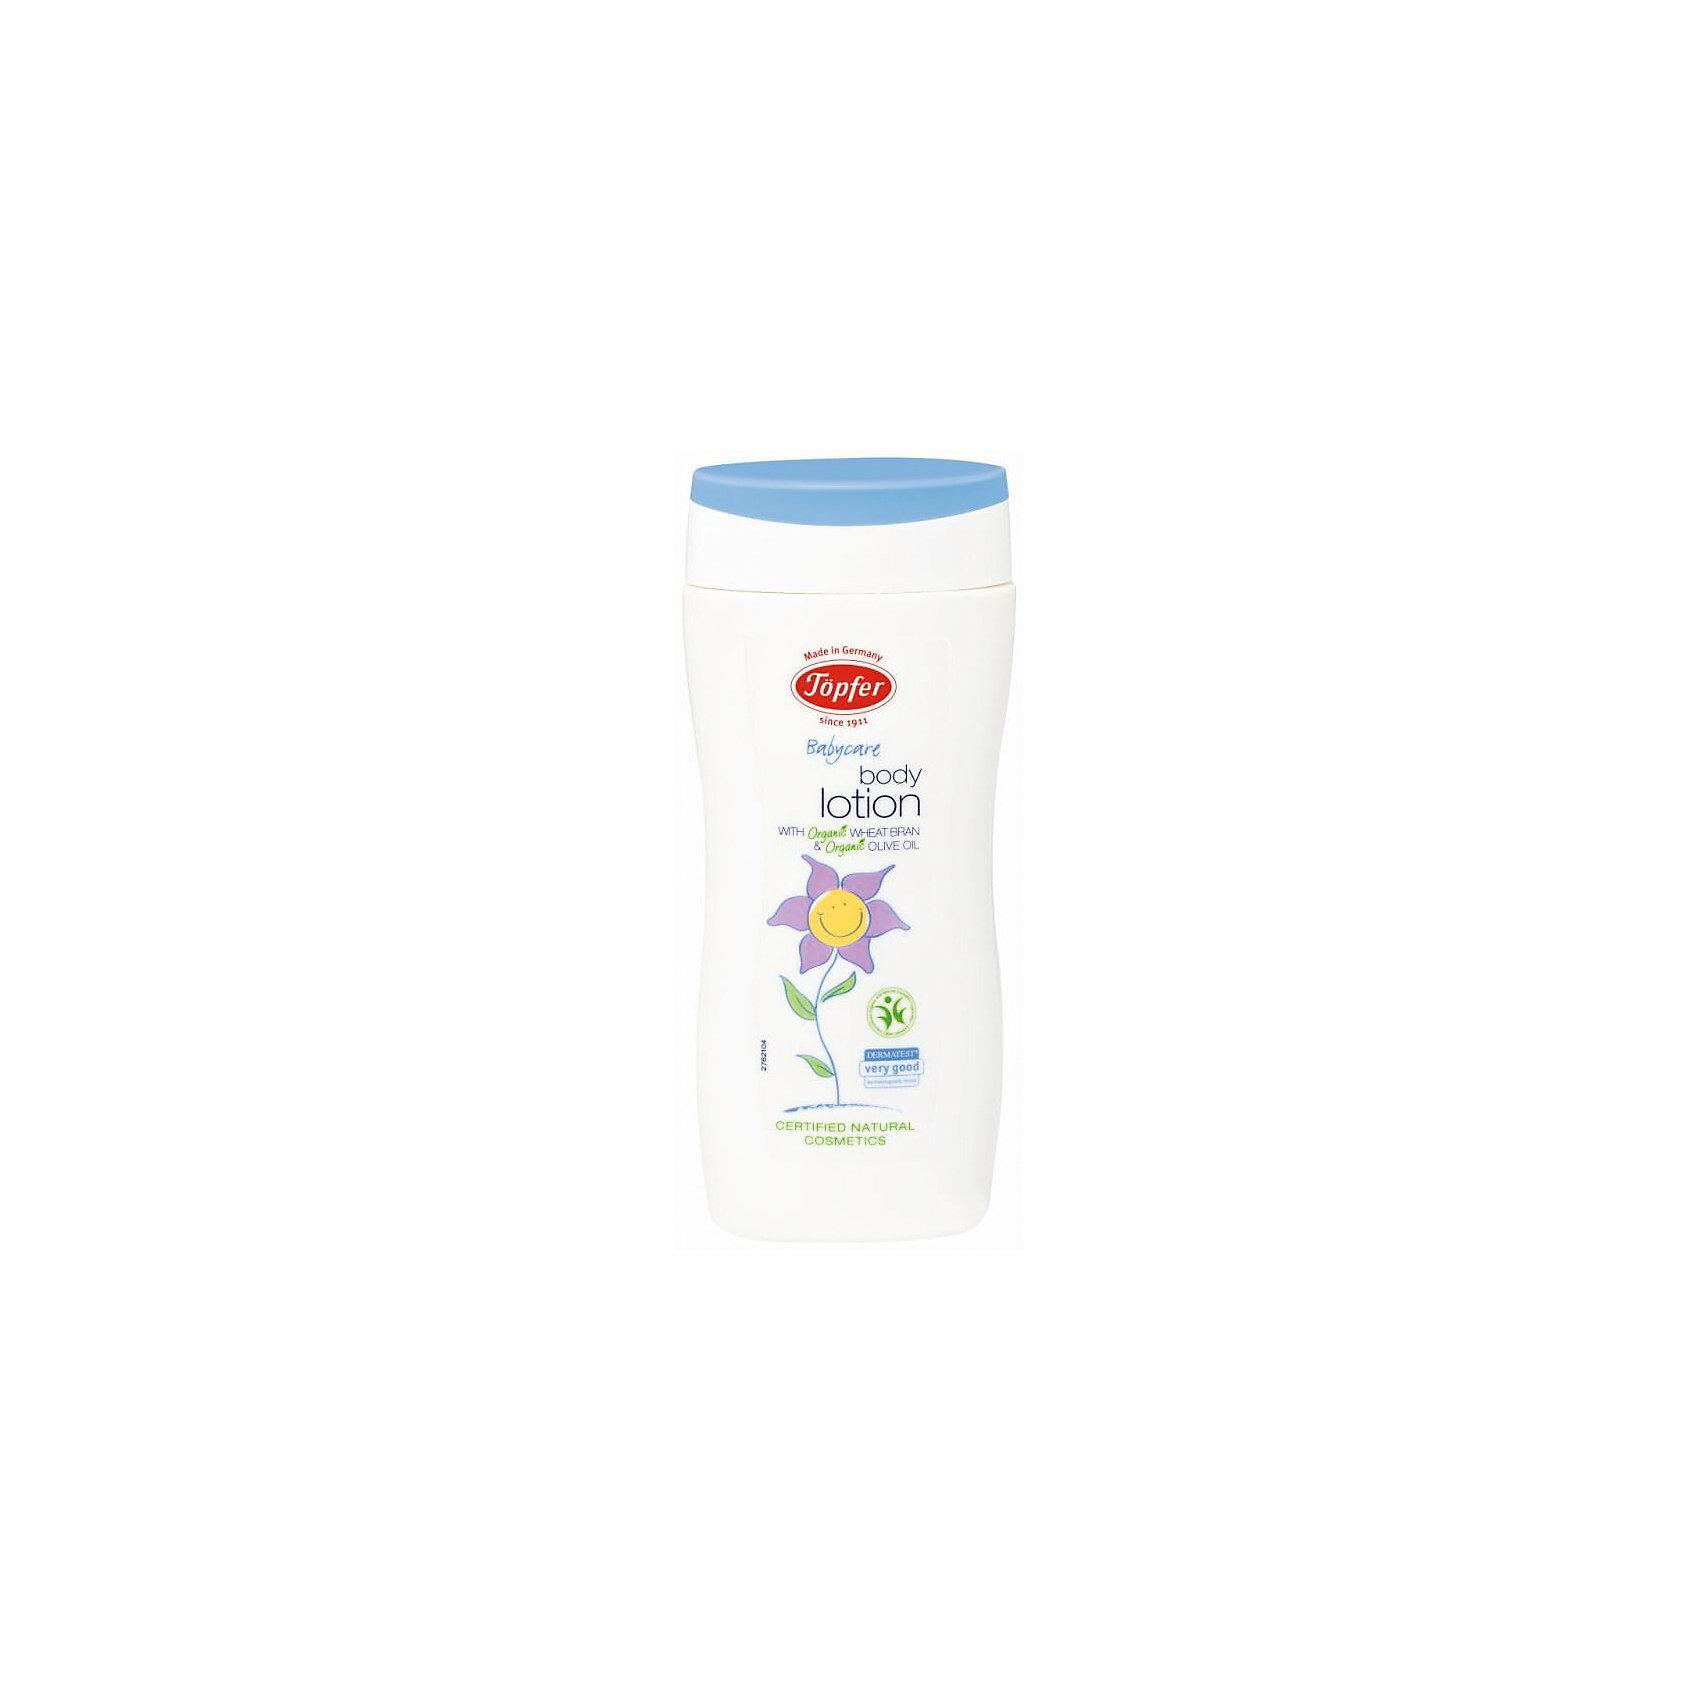 Увлажняющий лосьон детский 200 мл, TopferКосметика для младенцев<br>Topfer Молочко увлажняющее детское 200 мл.<br><br>Характеристики:<br><br>• объём: 200 мл.<br>• особенности: питает и увлажняет кожу, защищает<br>• состав: Вода, масла оливы, миндаля, семян пенника лугового, ши (карите), жожоба, подсолнечника, каприлик/каприловый триглицерид, глицерин, трикаприлин, глицерил стеарат цитрат, отдушка, гидрогенизированный пальмоядровый глицерид, гидрогенизированный глицерид пальмового масла, экстракты розмарина лекарственного, календулы лечебной, пшеничных отрубей, токоферол, глицерил каприлат, ксантановая смола, лимонная кислота, гидроксид натрия, цитрат натрия, D-лимонен**.<br>• для детей от 0 мес. <br>• страна производитель: Германия<br><br>Более 100 лет немецкая компания натуральной косметики Topfer (Топфер) заботится о малышах, будущих мамах и природе. Молочко для ухода за малышом оберегает нежную кожу от внешнего воздействия солнечных лучей, контакта с одеждой или подгузником. Легкая кремистая текстура удобно наносится и сверхбыстро впитывается. <br><br>Молочко отлично питает кожу, смягчая ее и придавая упругость. Природные компоненты состава масла не провоцируют аллергию, его формула проверена дерматологами и не провоцирует раздражения. Флакон оснащен практичным дозатором. Ощутите бережную заботу с молочком от Topfer (Топфер)!<br><br>Topfer Молочко увлажняющее детское 200 мл. можно купить в нашем интернет-магазине.<br><br>Ширина мм: 250<br>Глубина мм: 100<br>Высота мм: 250<br>Вес г: 75<br>Возраст от месяцев: 36<br>Возраст до месяцев: 1188<br>Пол: Унисекс<br>Возраст: Детский<br>SKU: 5407664